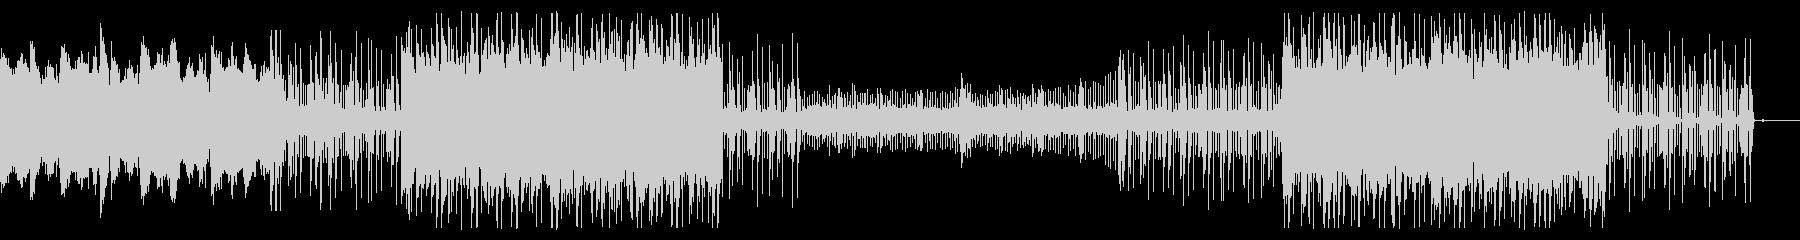 Lofi Beats 123の未再生の波形